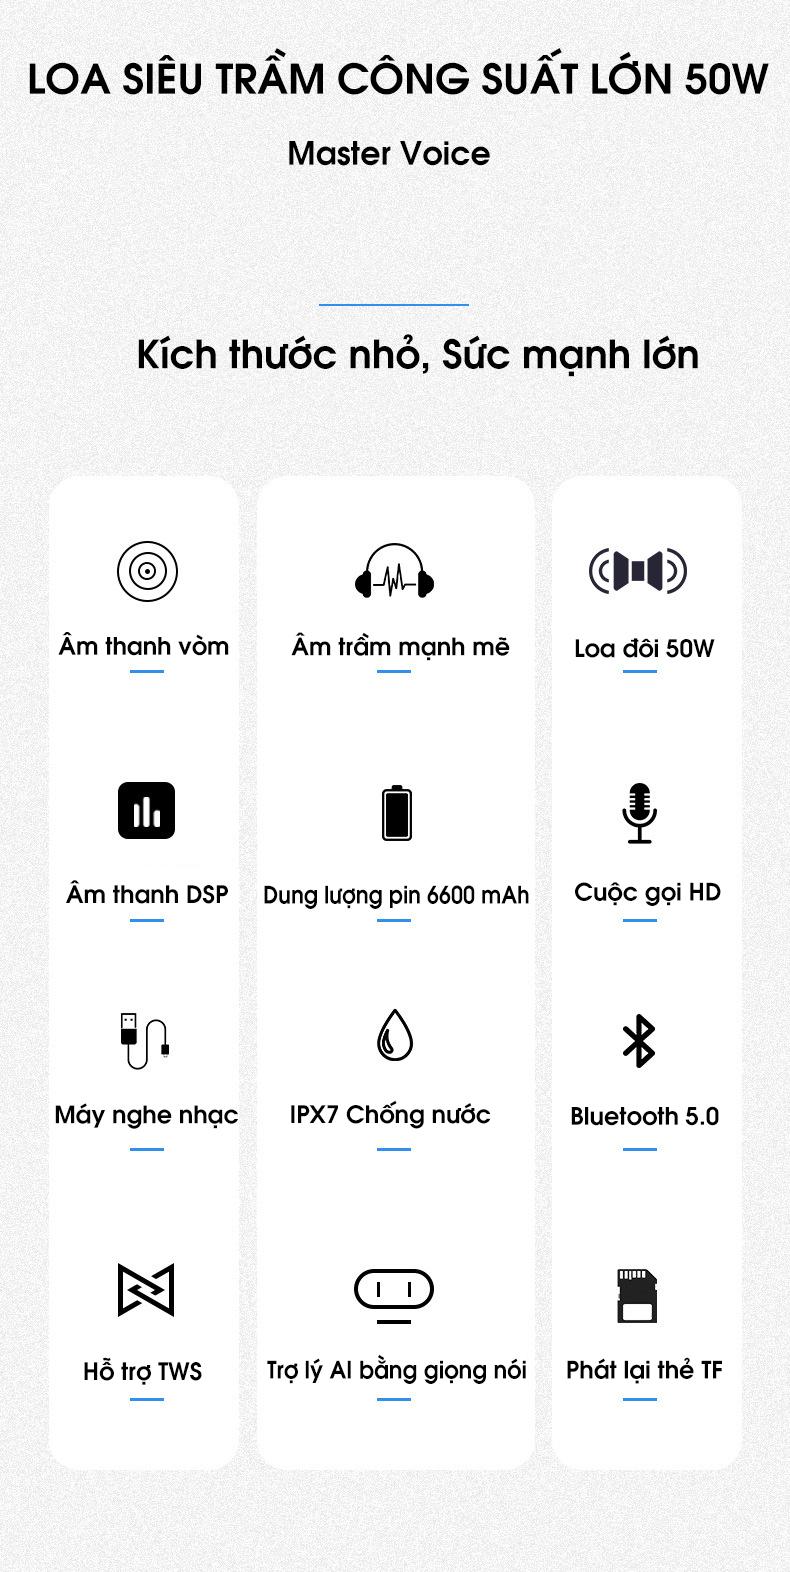 Loa bluetooth 5.0 50W công suất lớn chống nước IPX7, pin 6600mah cộng nghệ điều khiển giọng nói PKCB PF1007 - Hàng chính hãng